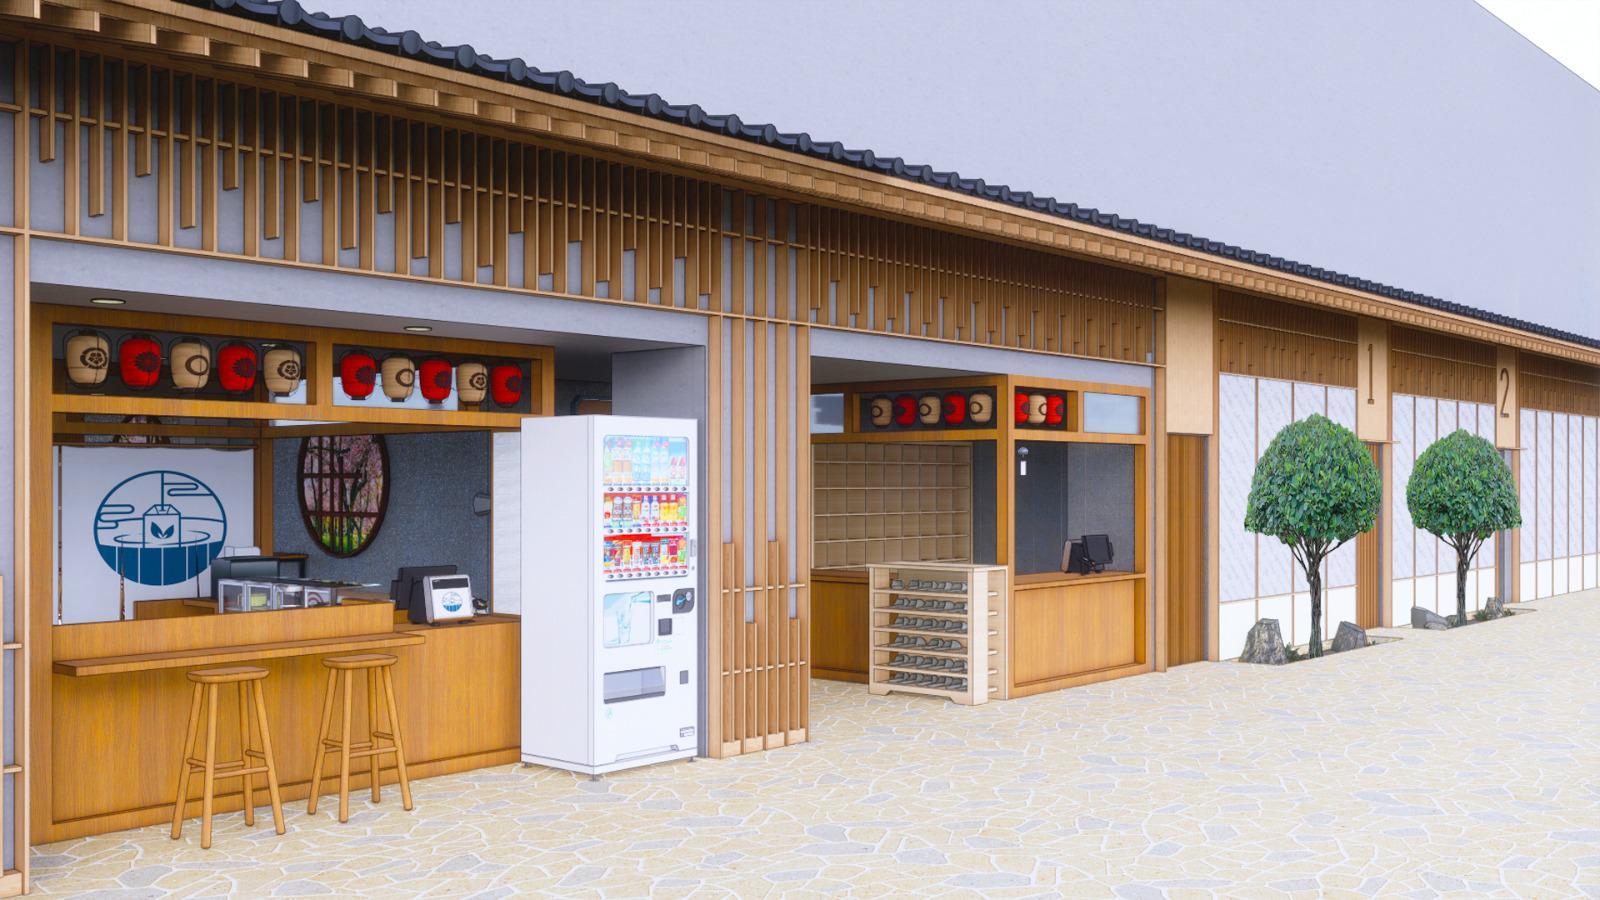 joya-onsen-cafe - cafe